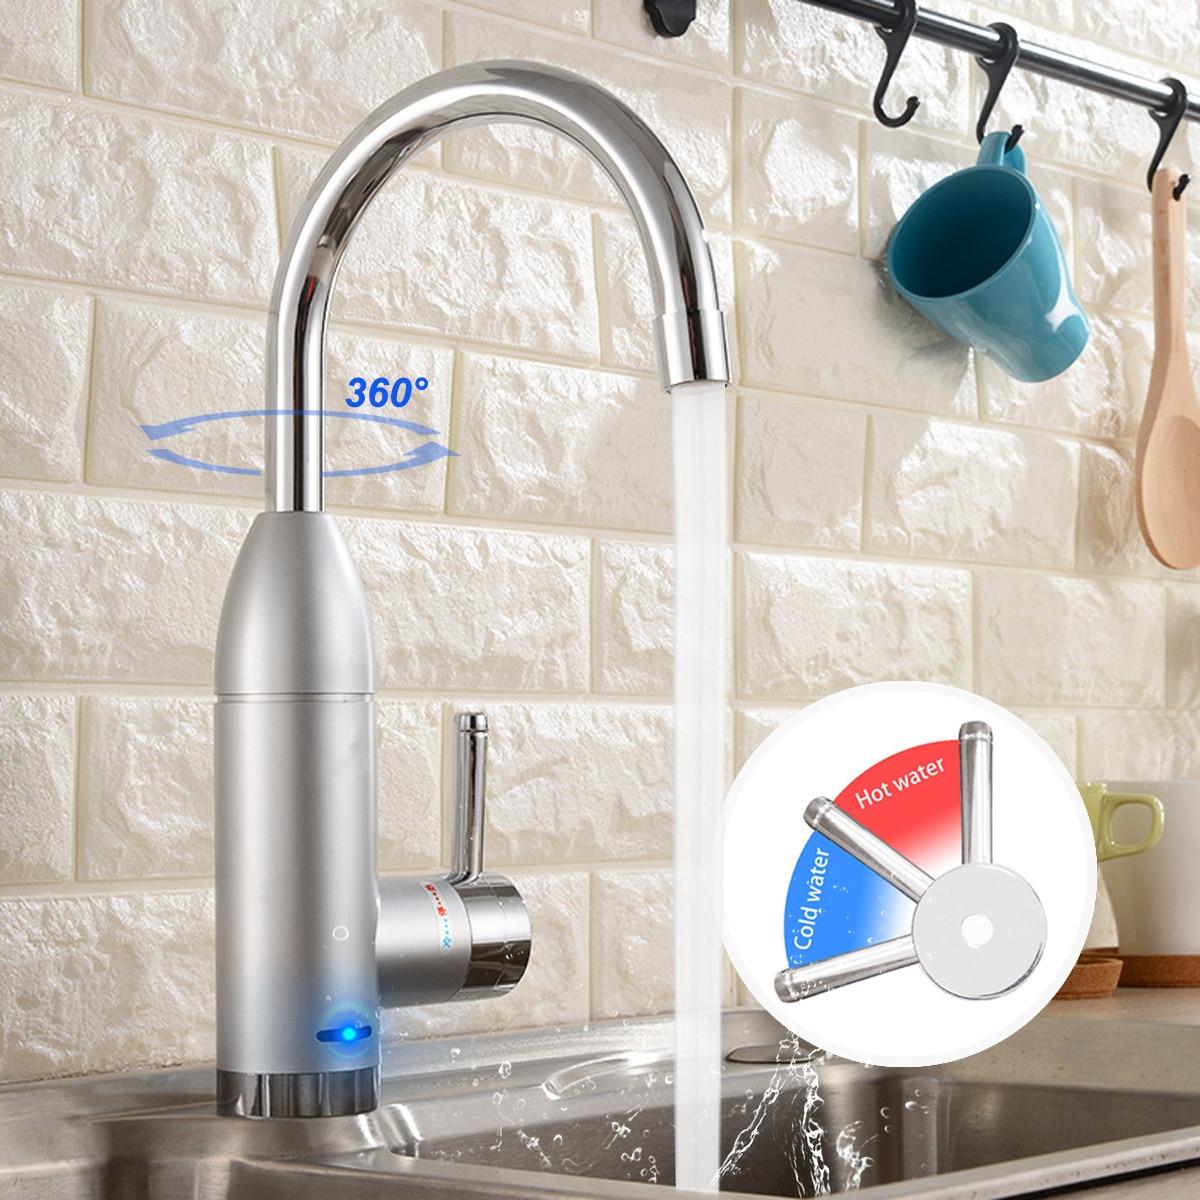 Chauffe-eau électrique robinet mélangeur chaud froid robinet 360 degrés réglable cuisine chauffage instantané robinet chauffe-eau avec LED